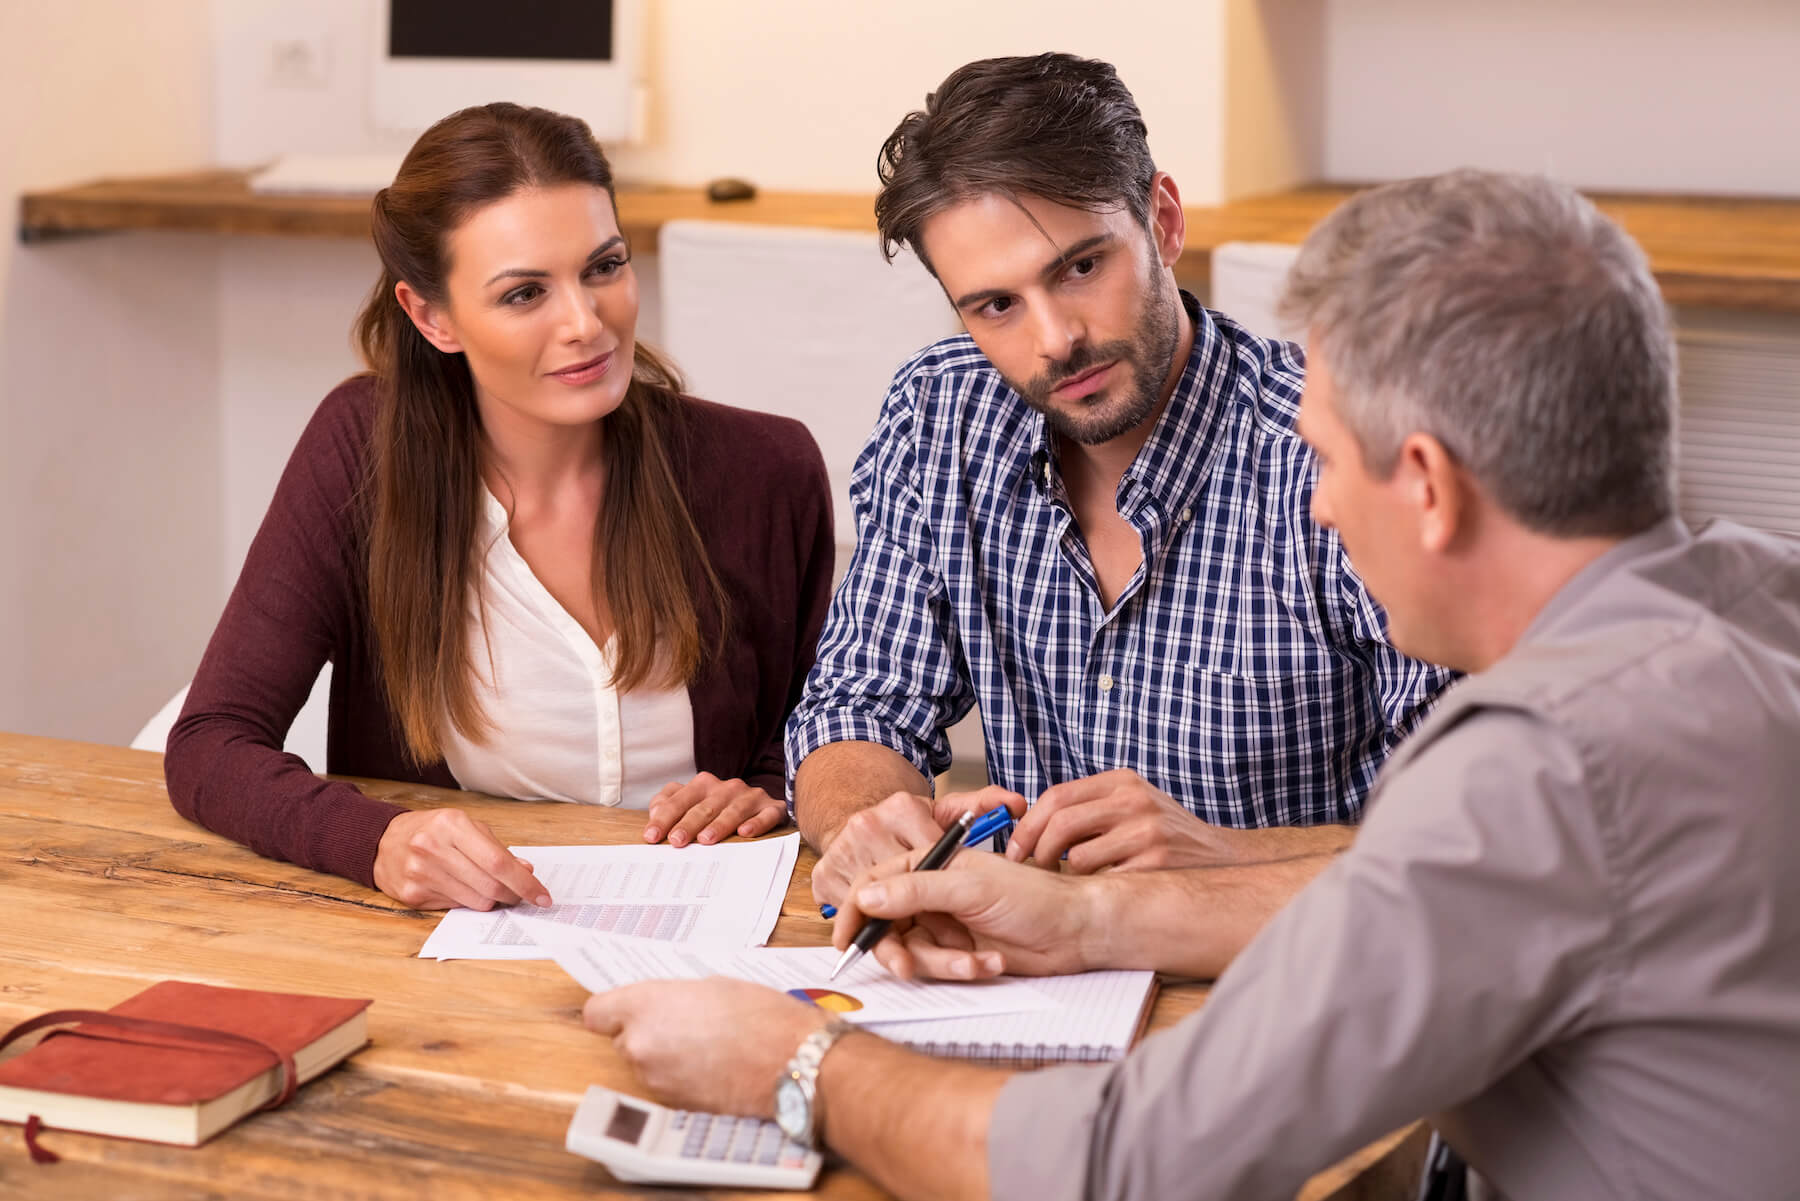 Customer consultation